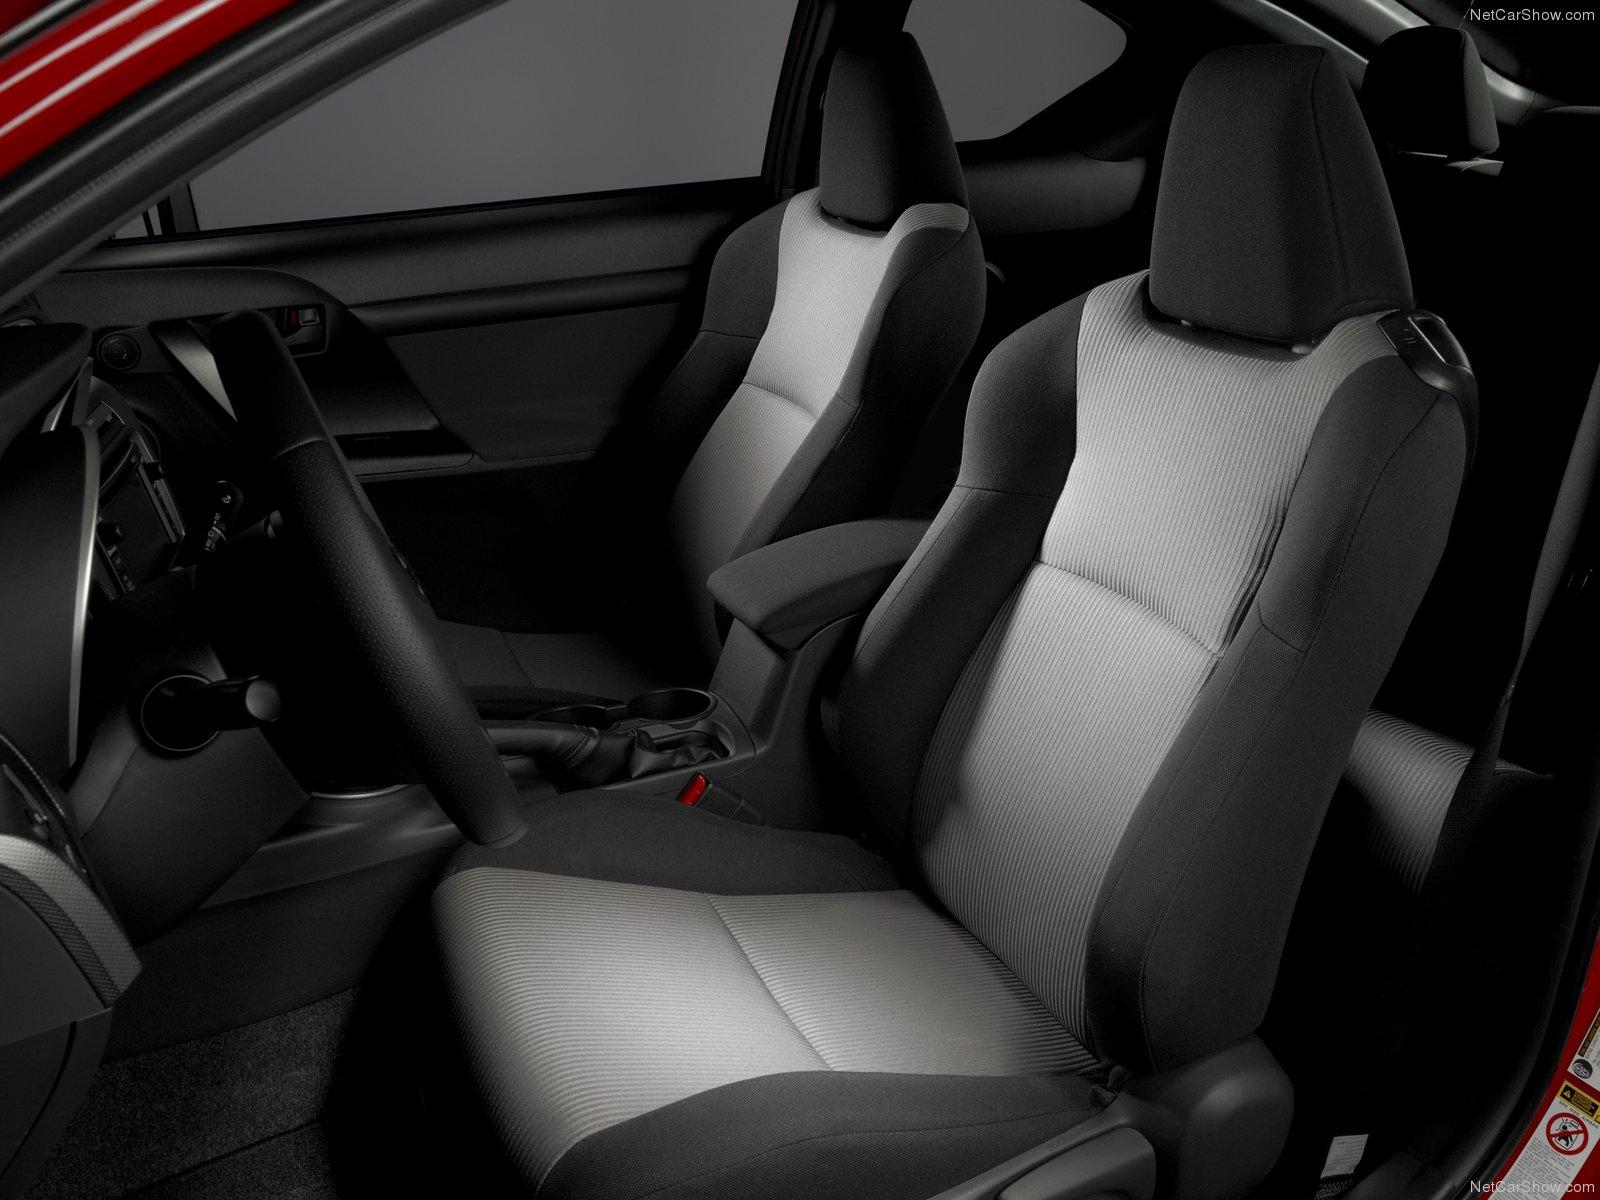 Hình ảnh xe ô tô Scion tC 2014 & nội ngoại thất